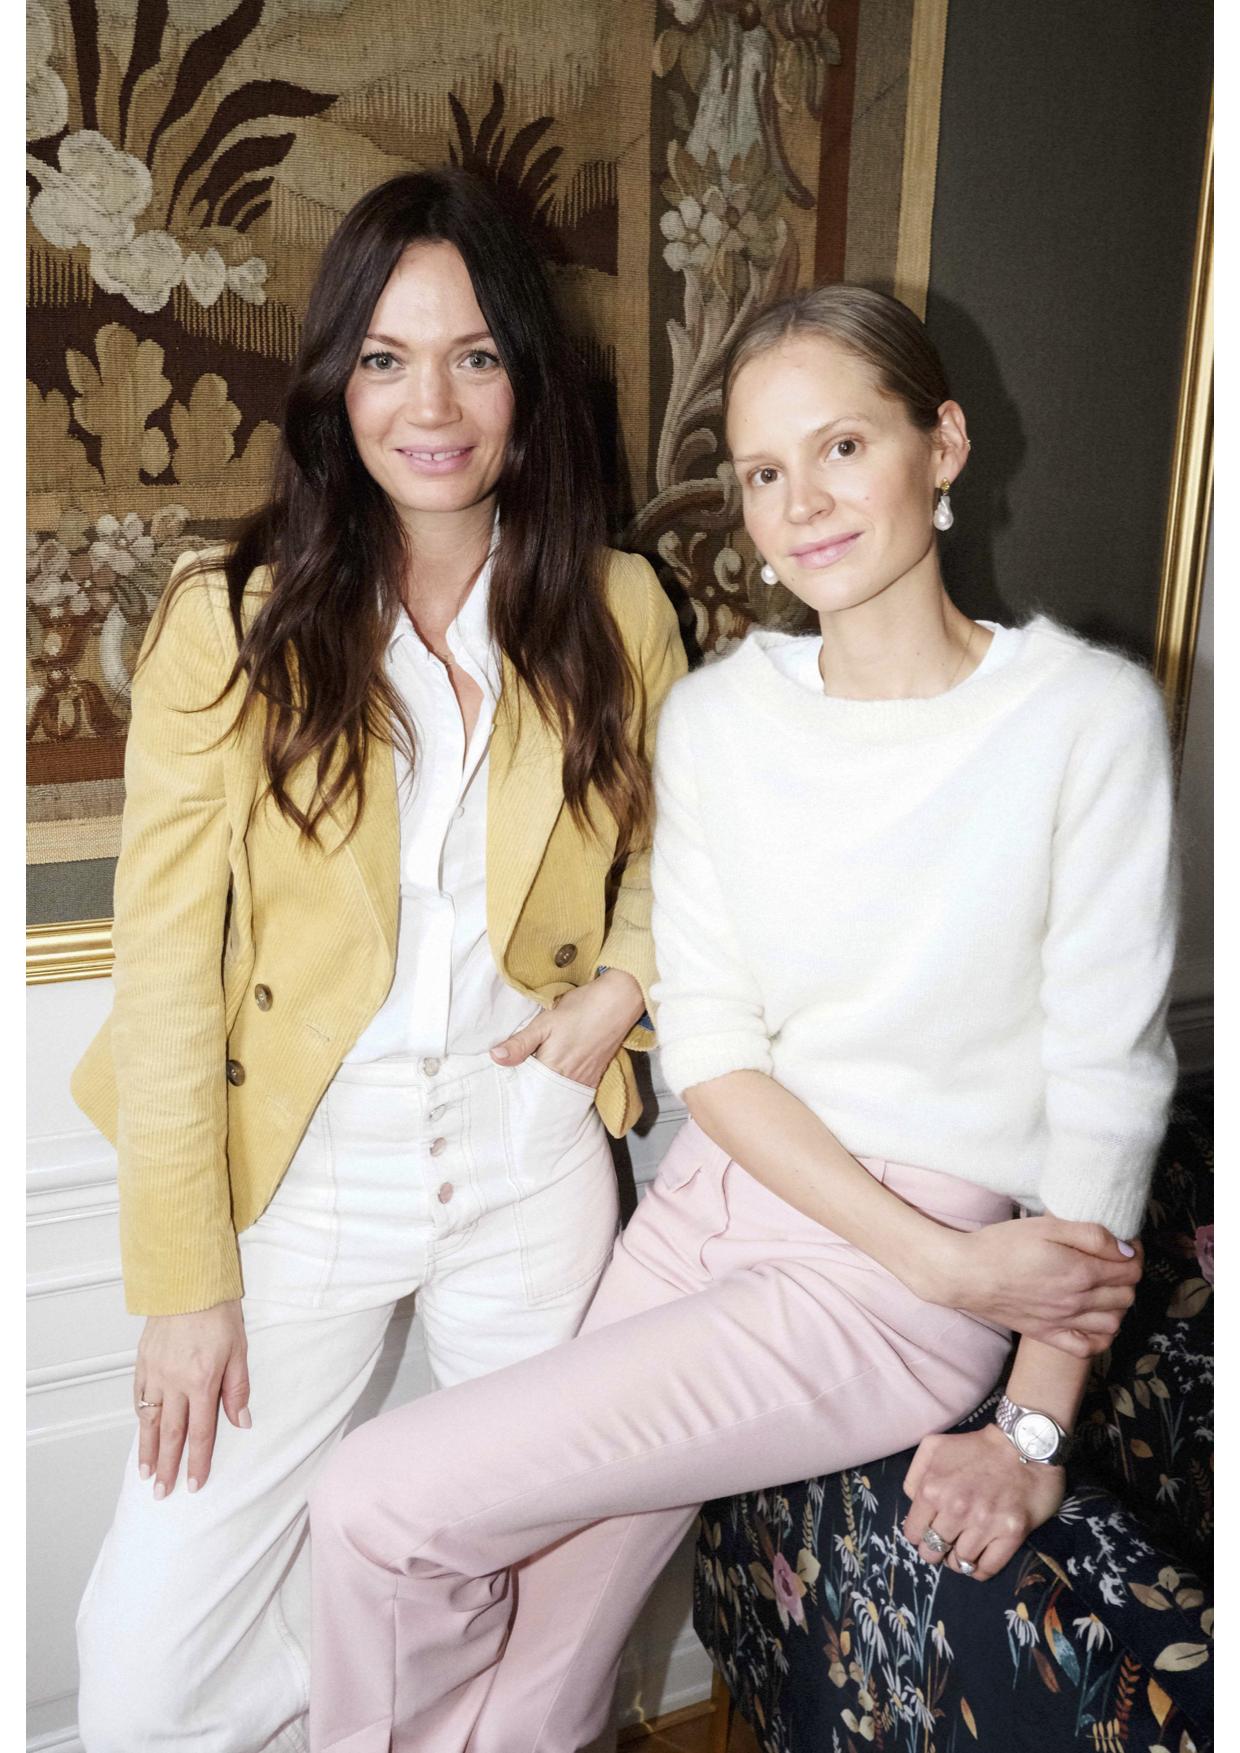 Bea Fagerholt og Liv Winther bag nyt onlineunivers til gravide og mødre